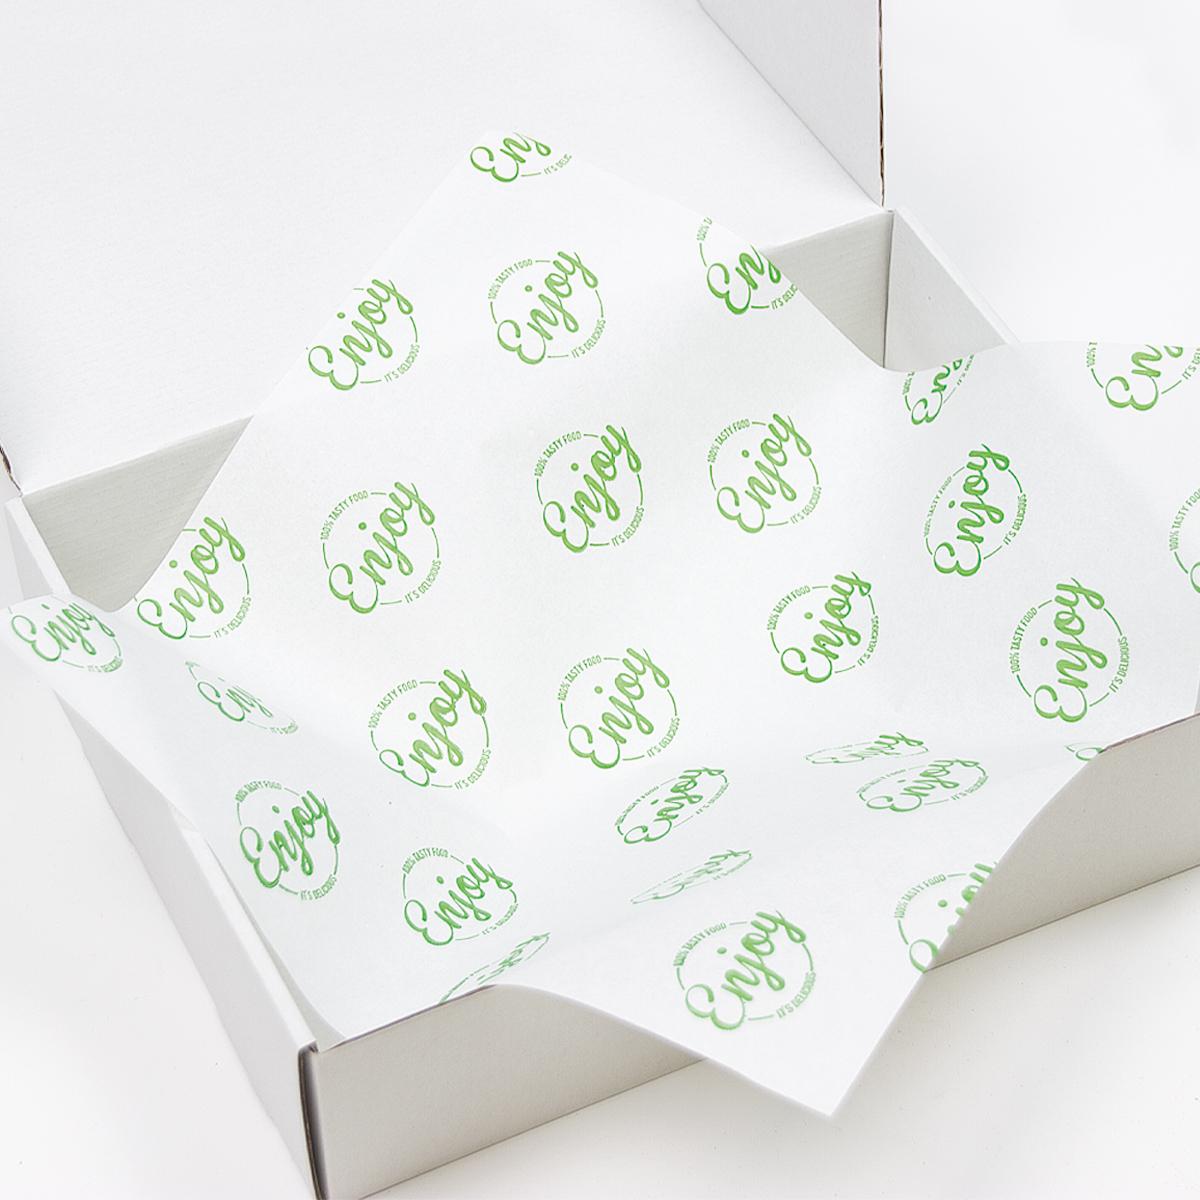 Inpakvellen/Vetvrij papier - Enjoy